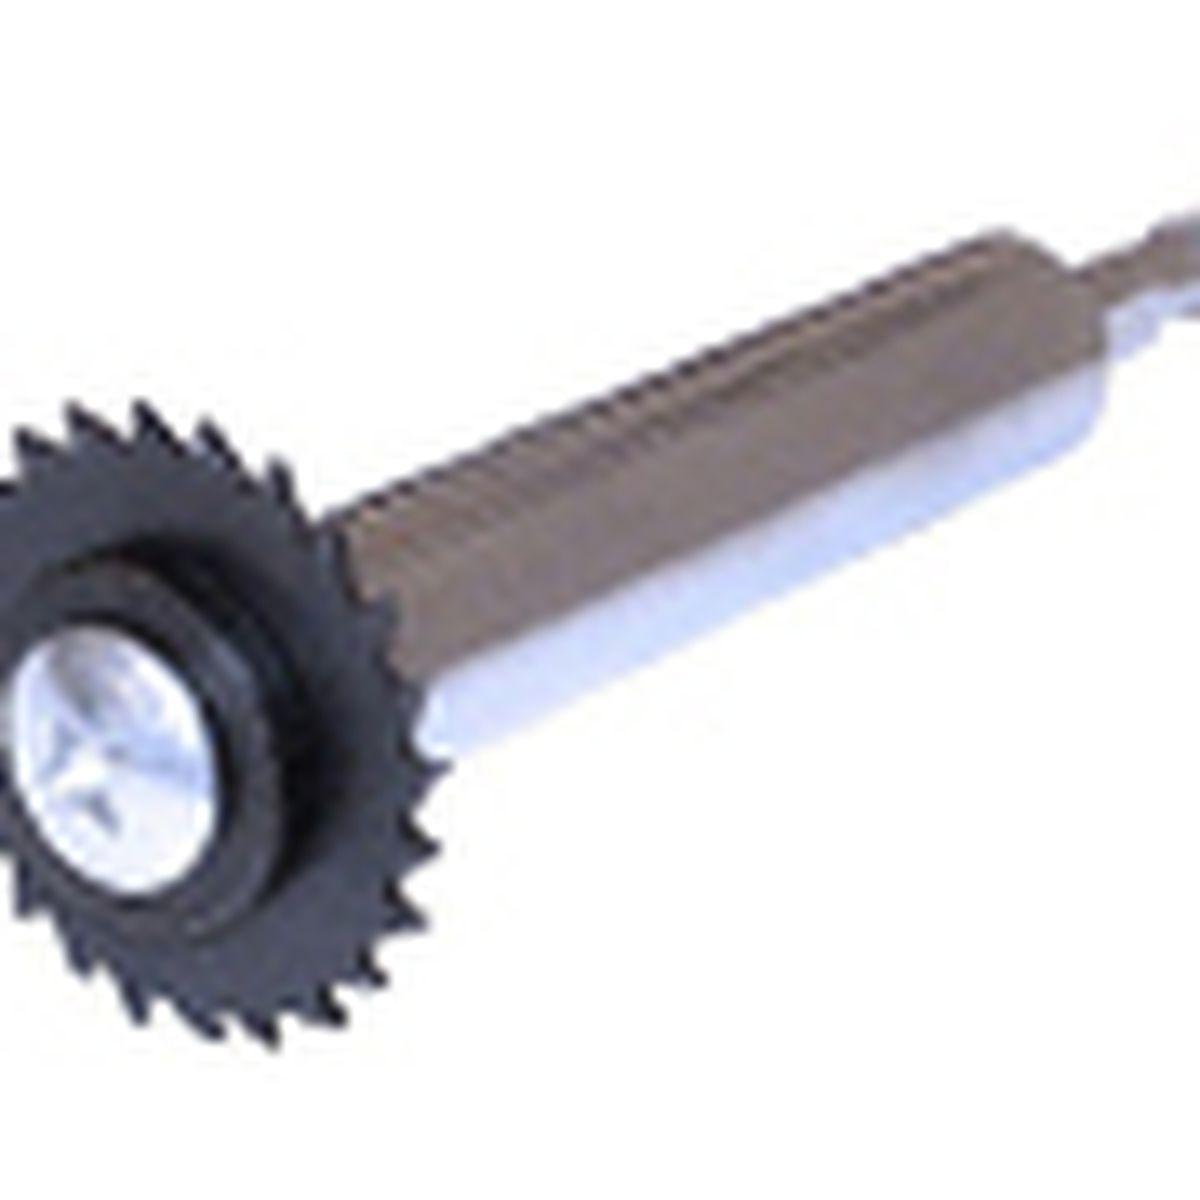 pvc internal pipe cutter